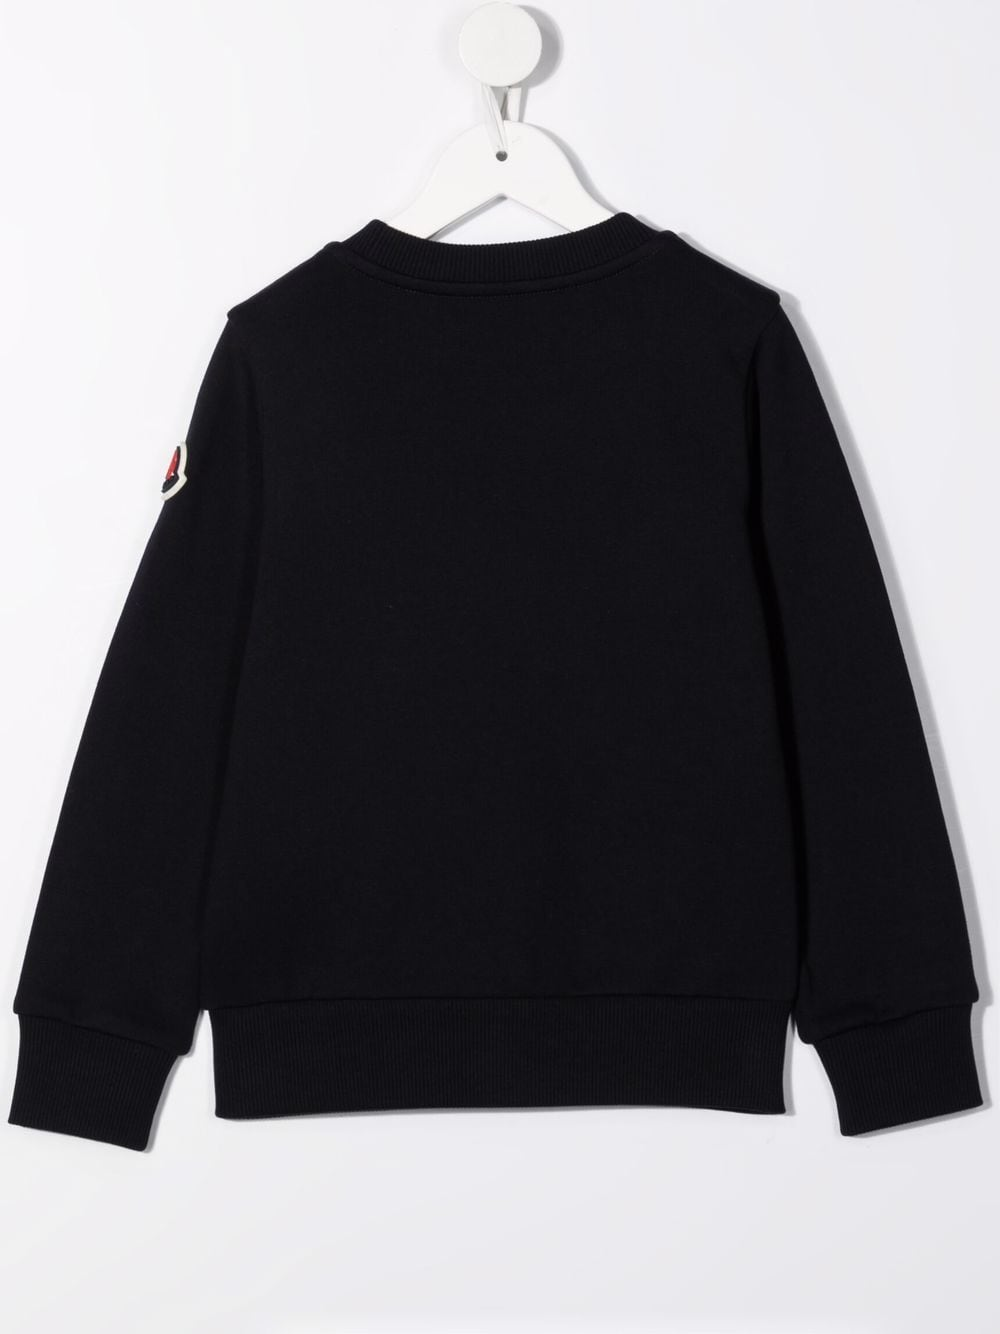 MONCLER   Sweatshirt   9548G74420809B3778